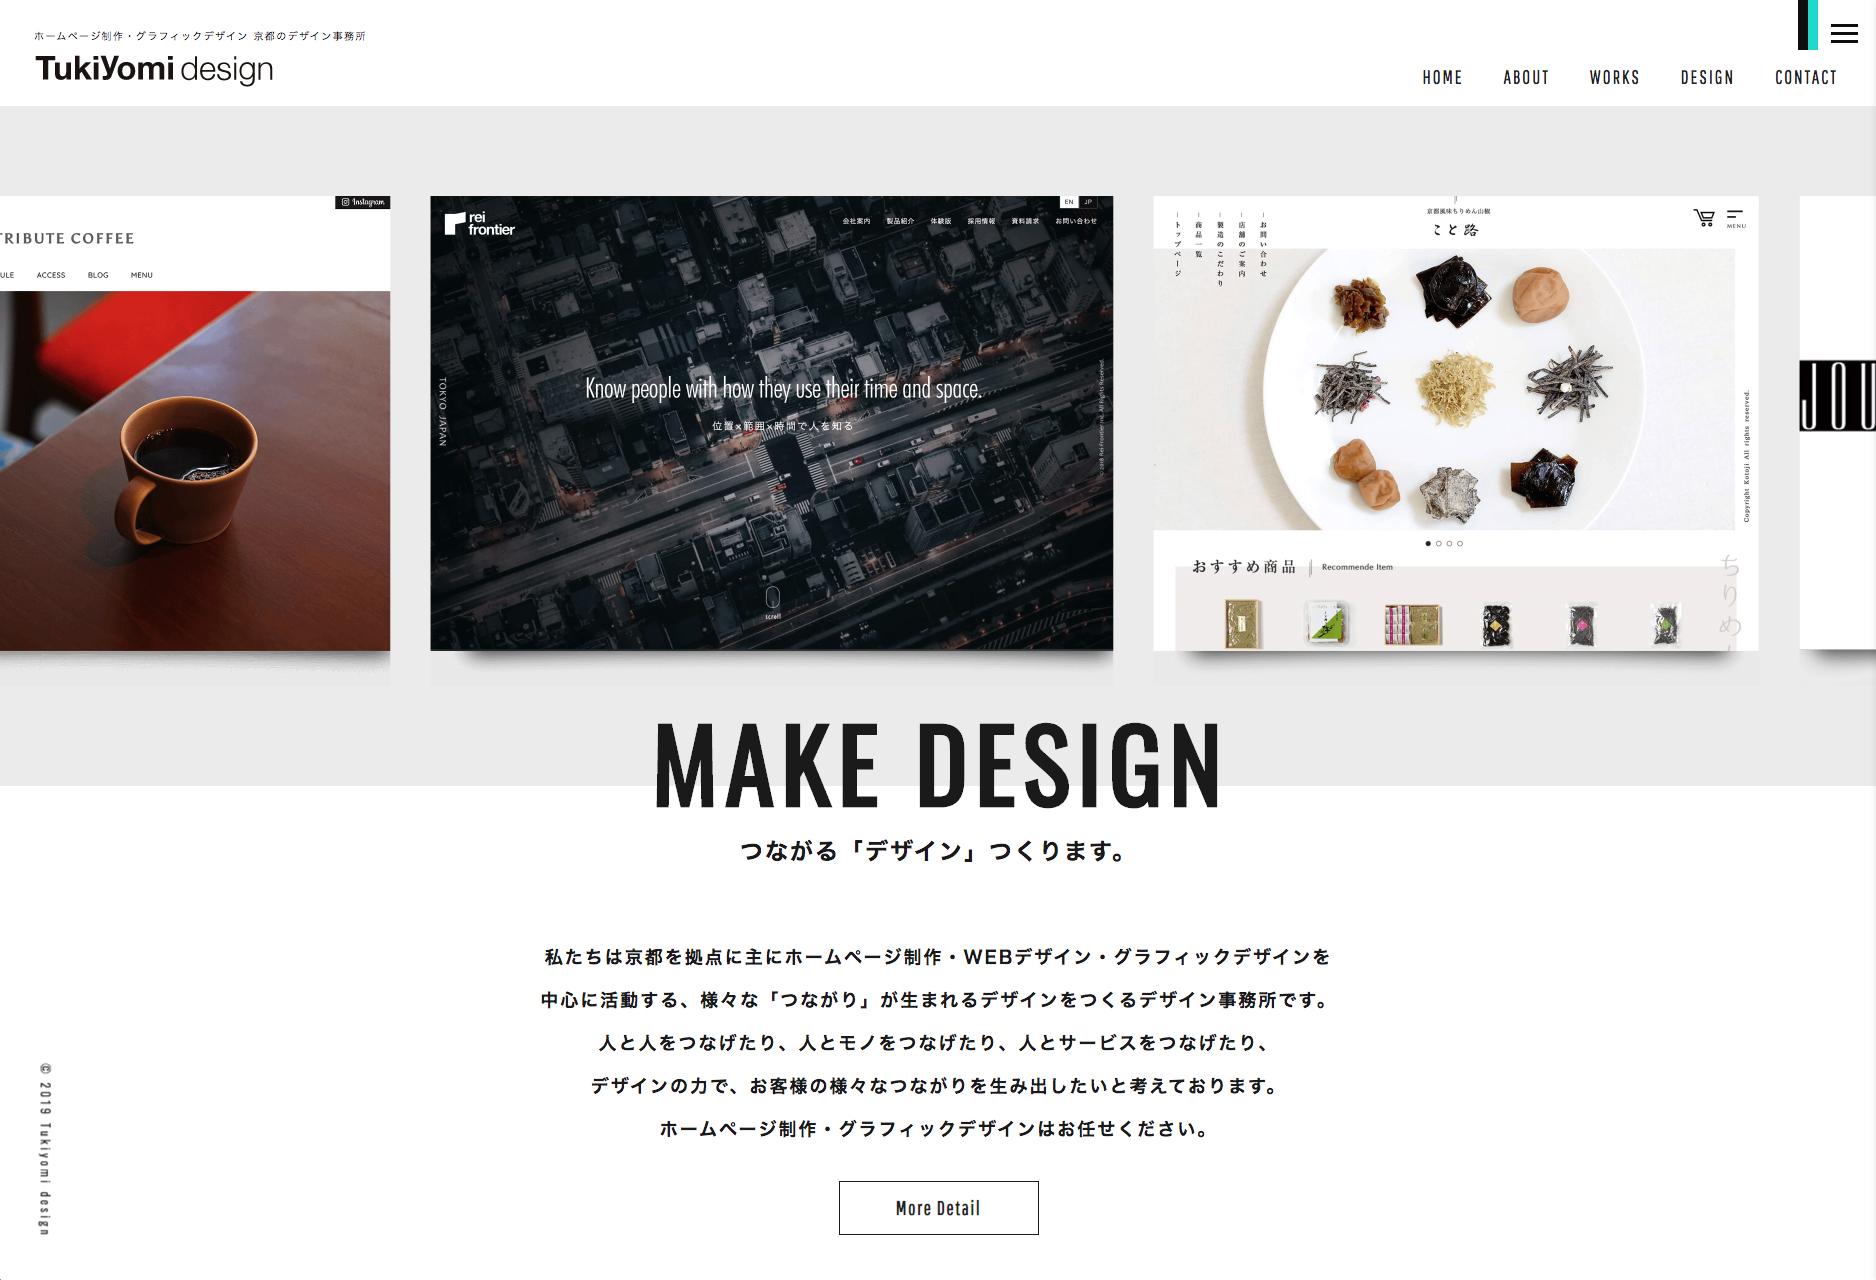 ホームページ制作会社 株式会社Tukiyomi design